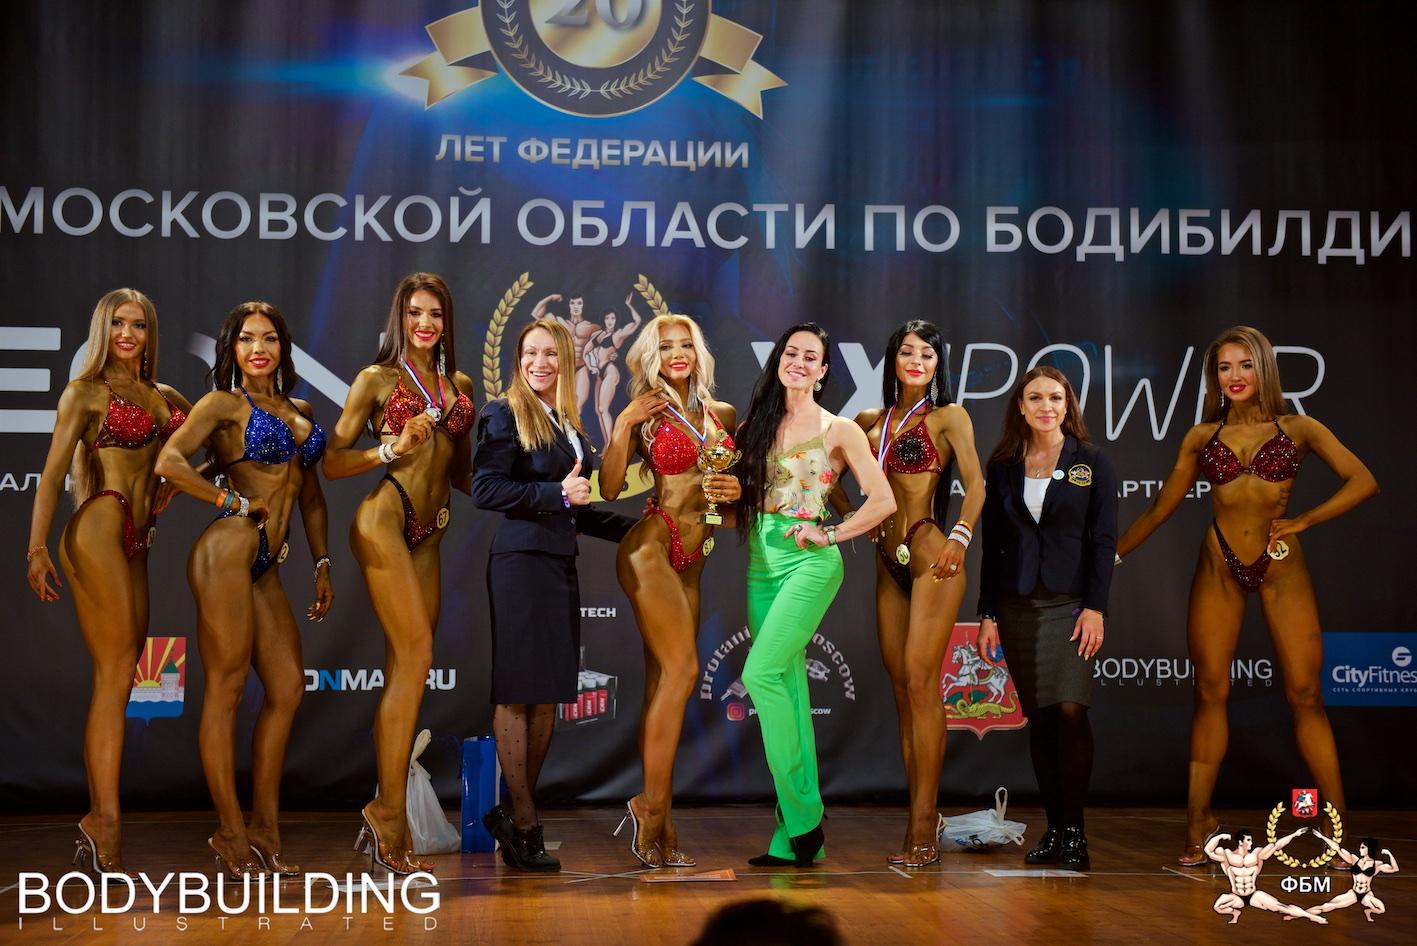 Итоги 2-го дня чемпионата Московской области по бодибилдингу 2019